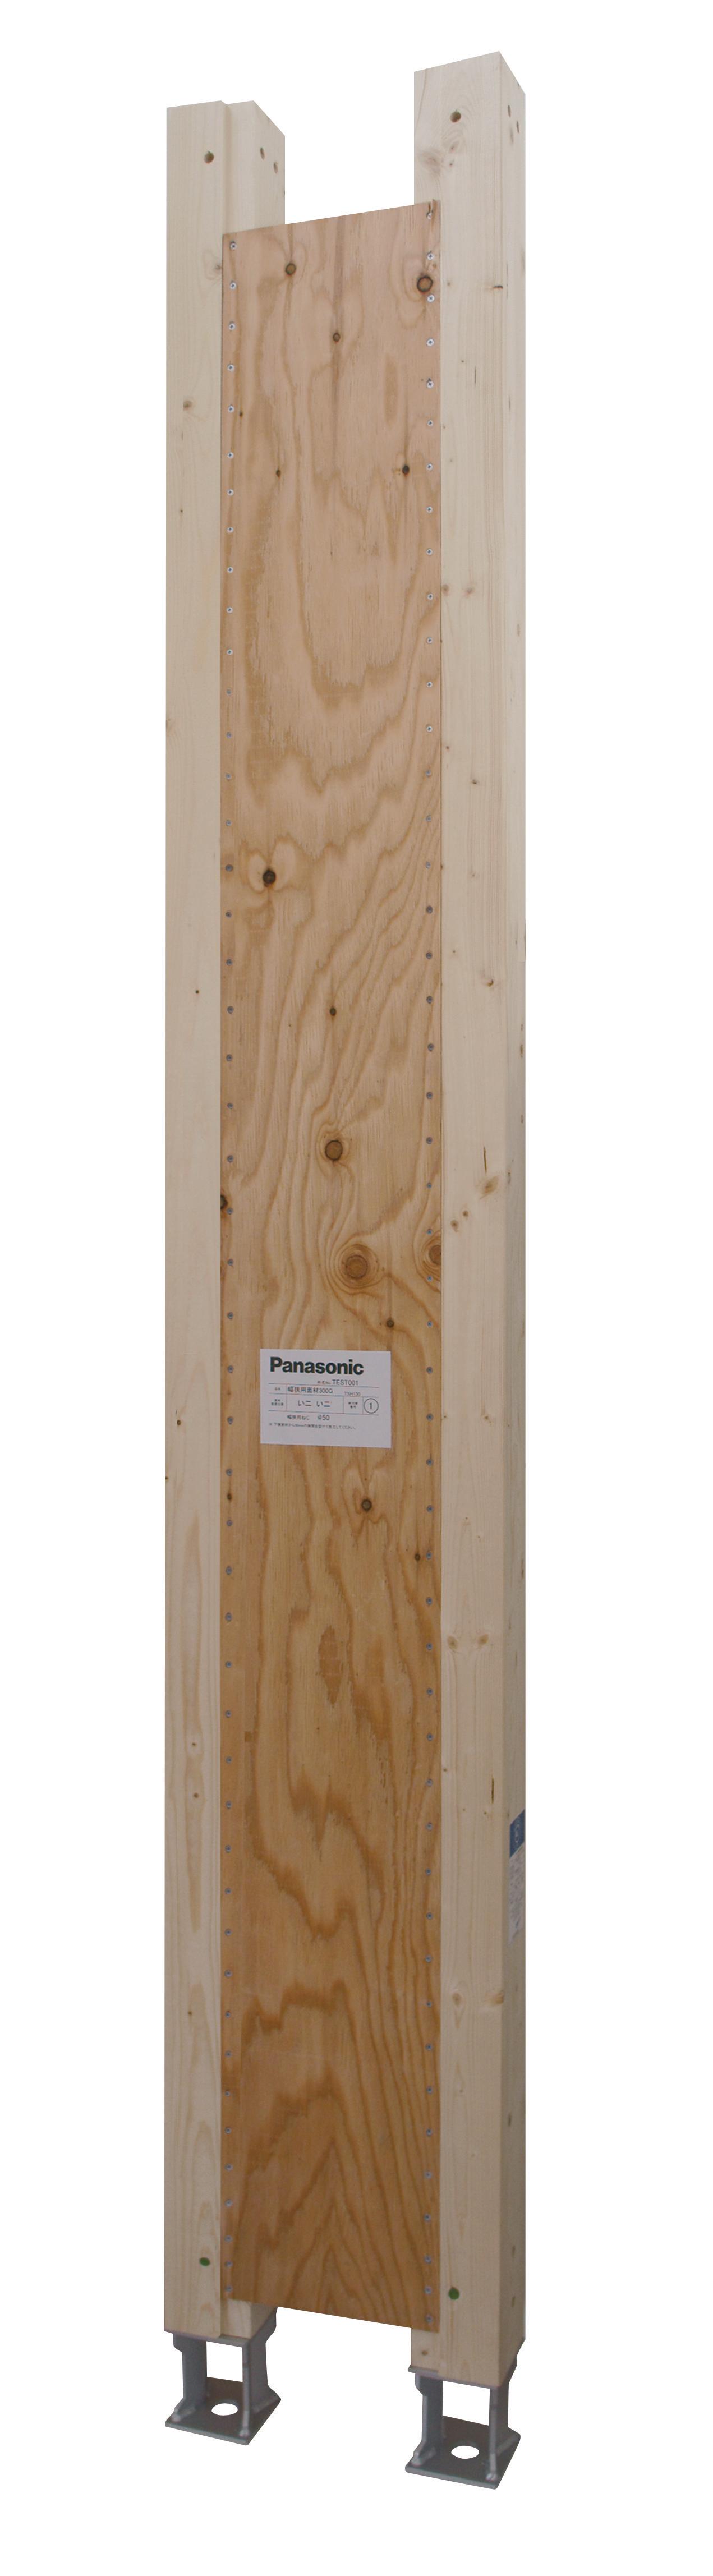 パナソニックが耐震住宅工法「テクノストラクチャー」で幅狭タイプの耐力壁を開発